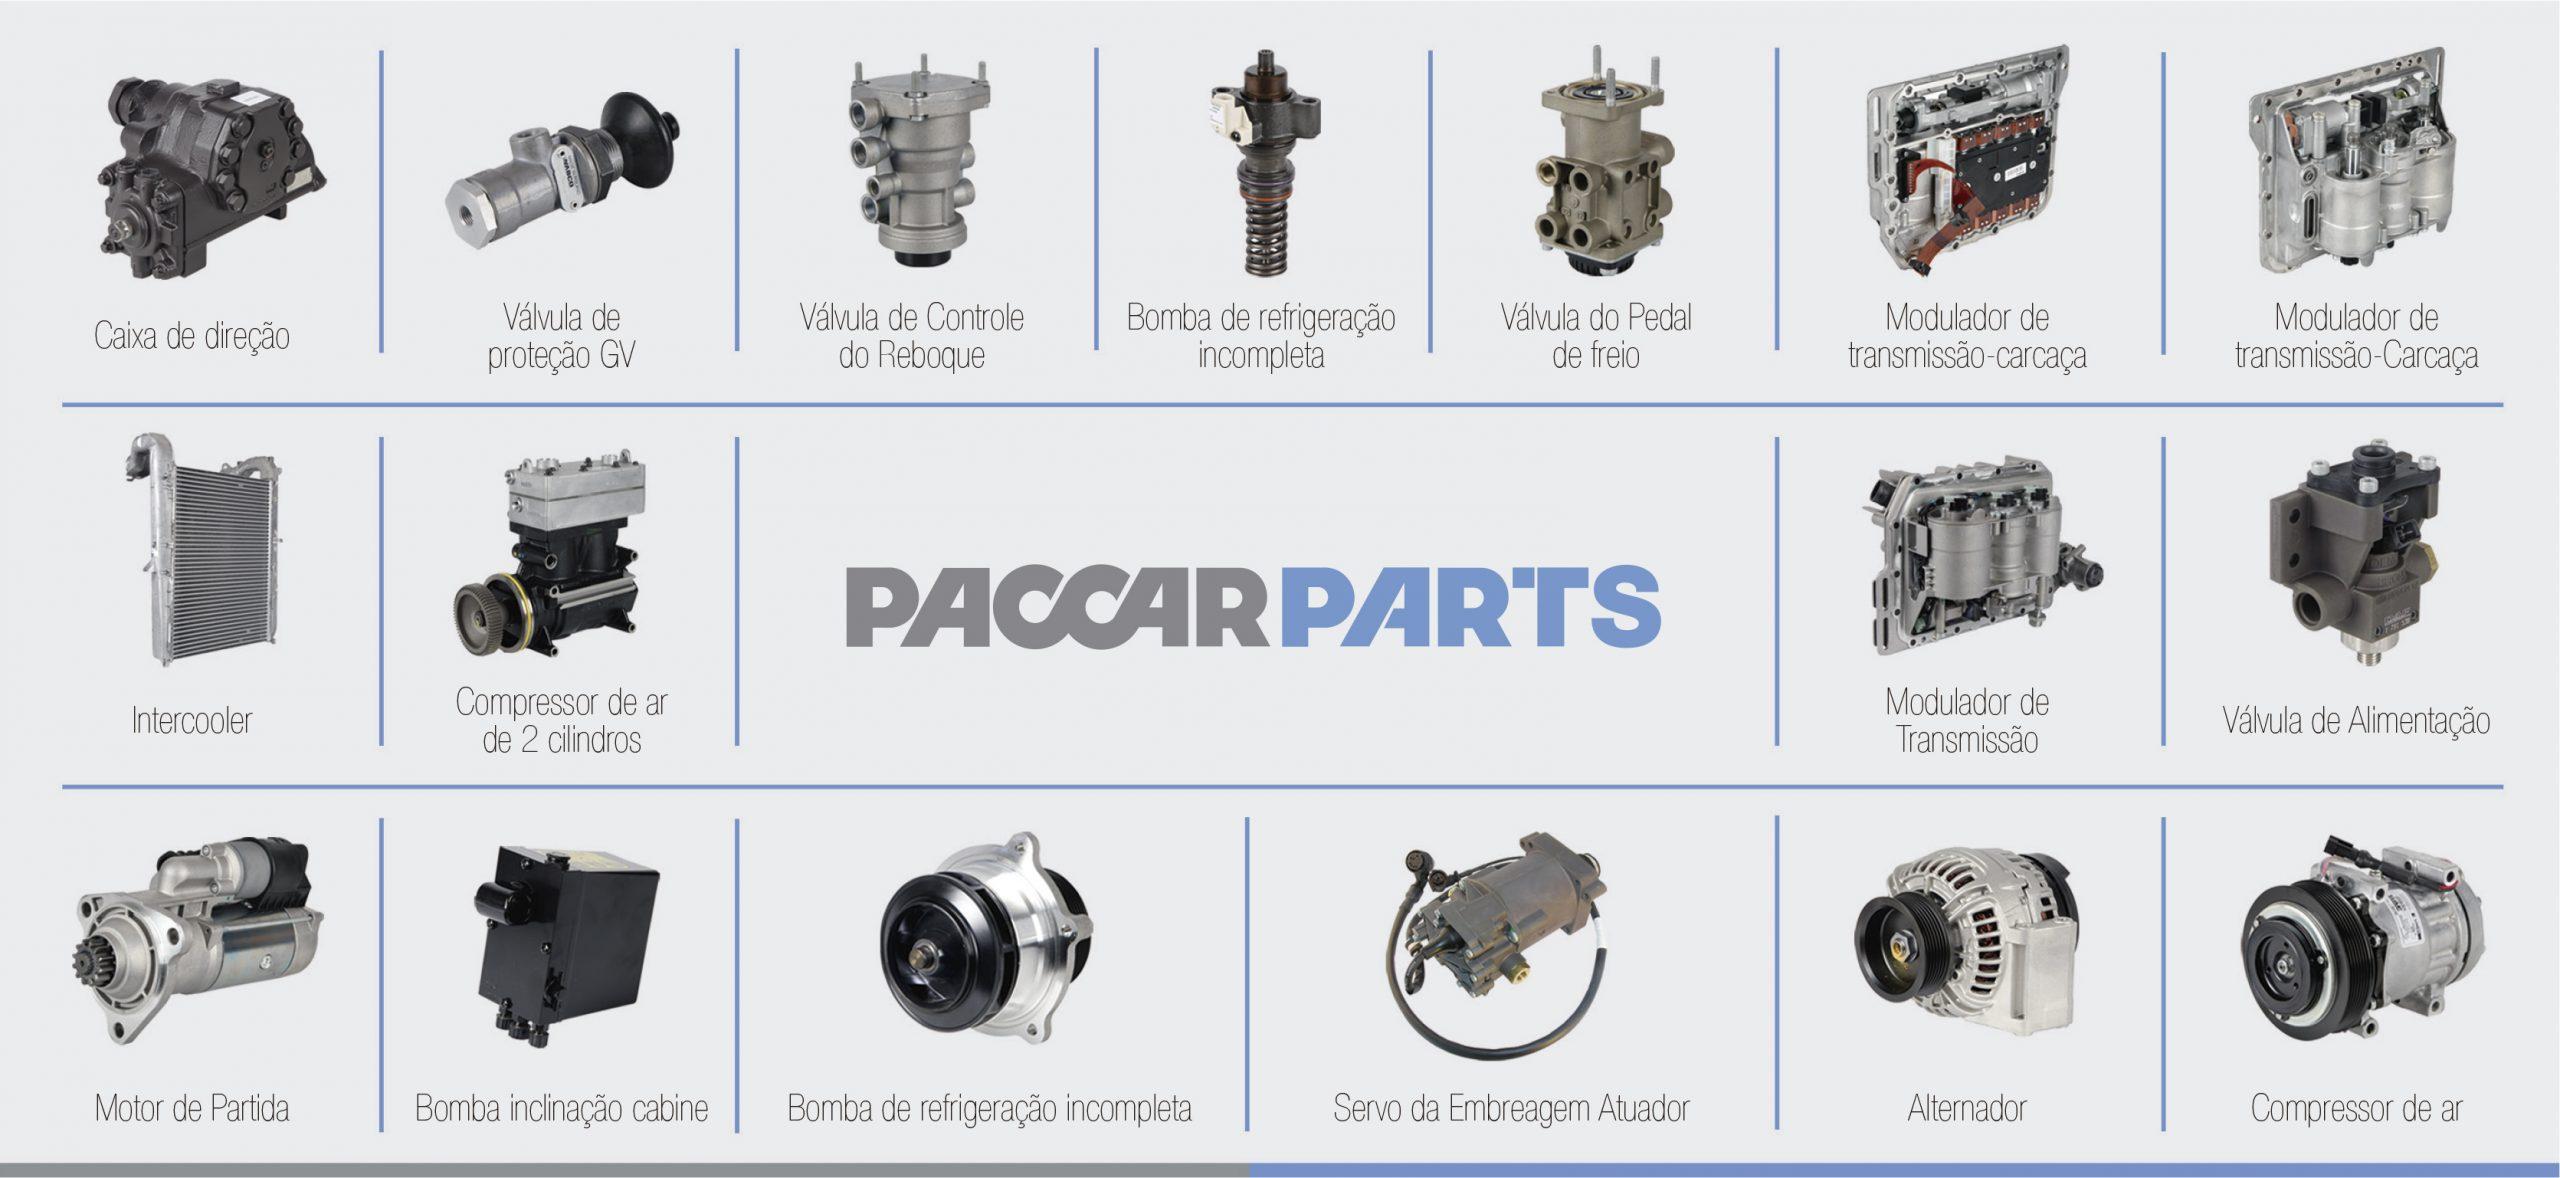 PACCAR Parts lança linha de peças RX com custo mais atrativo